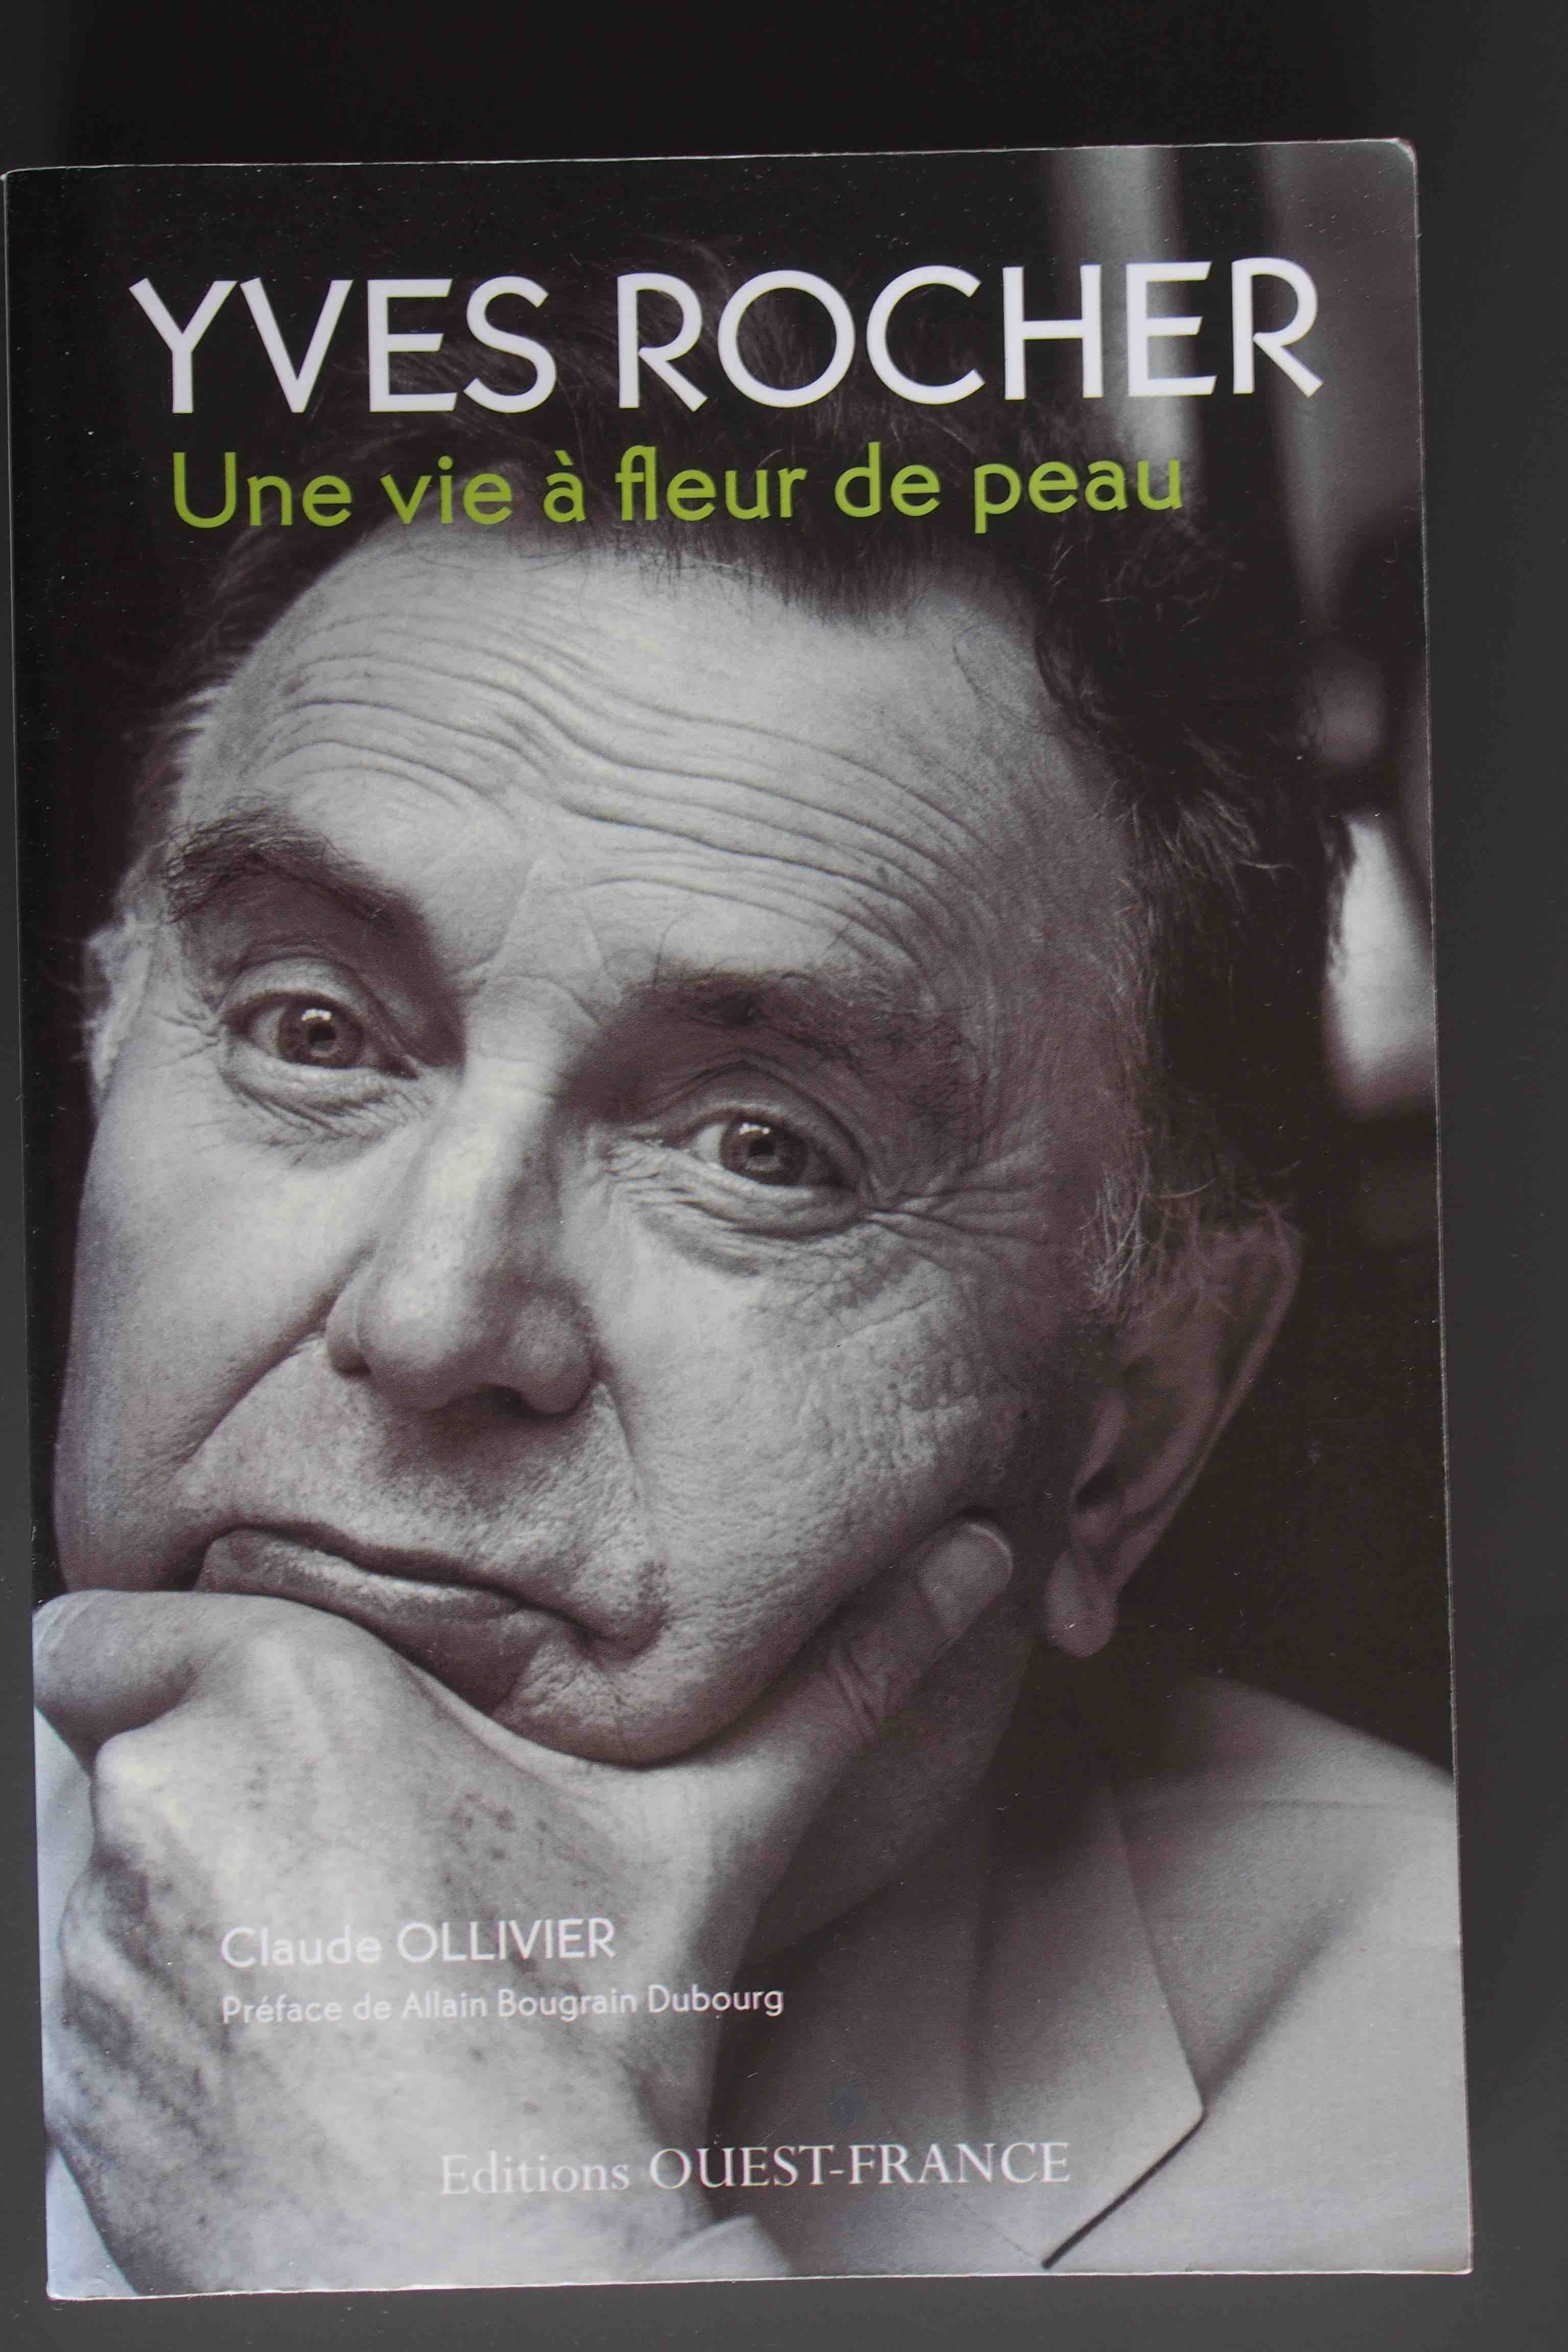 Yves Rocher, une vie a fleur de peau 3 Rennes (35)